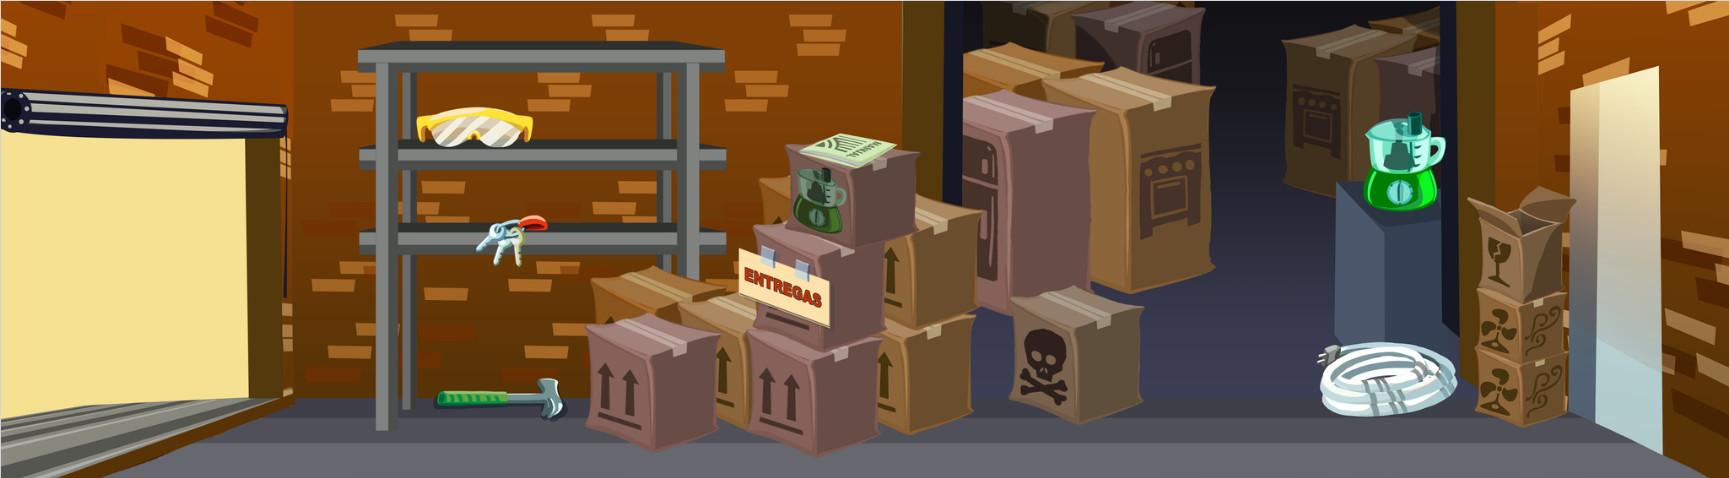 Erika ferreira factory